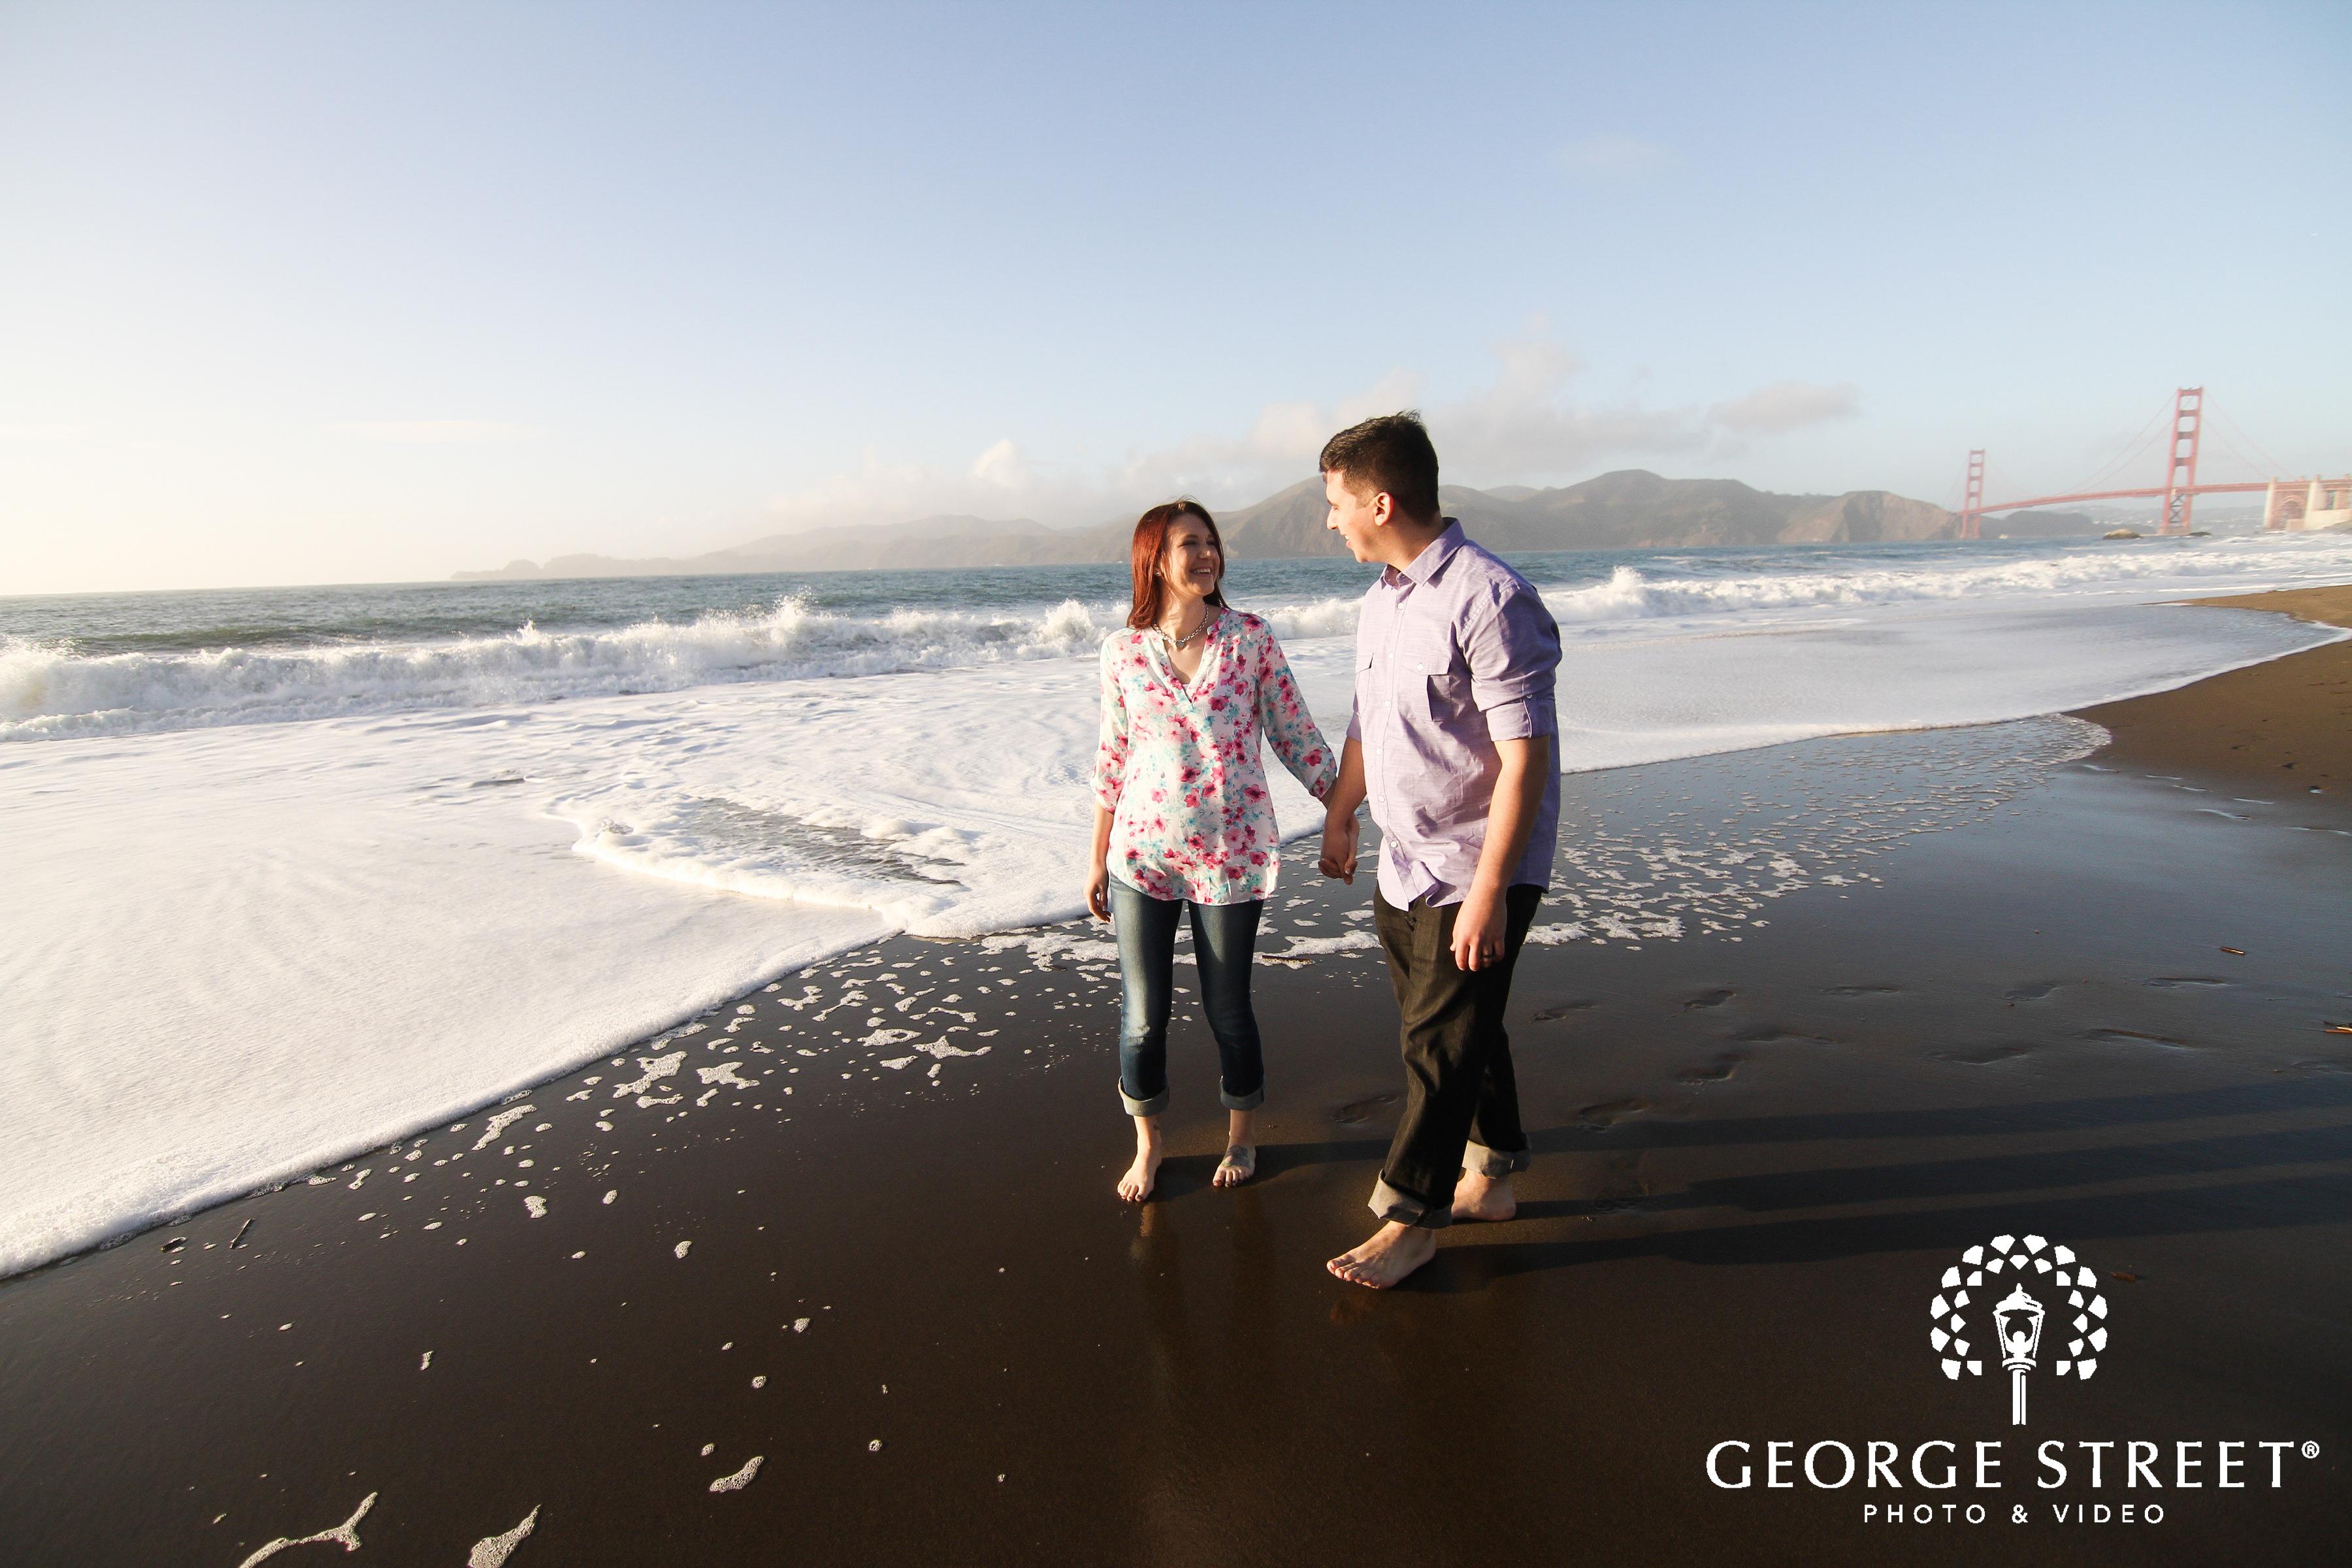 couple holding hands walking in ocean